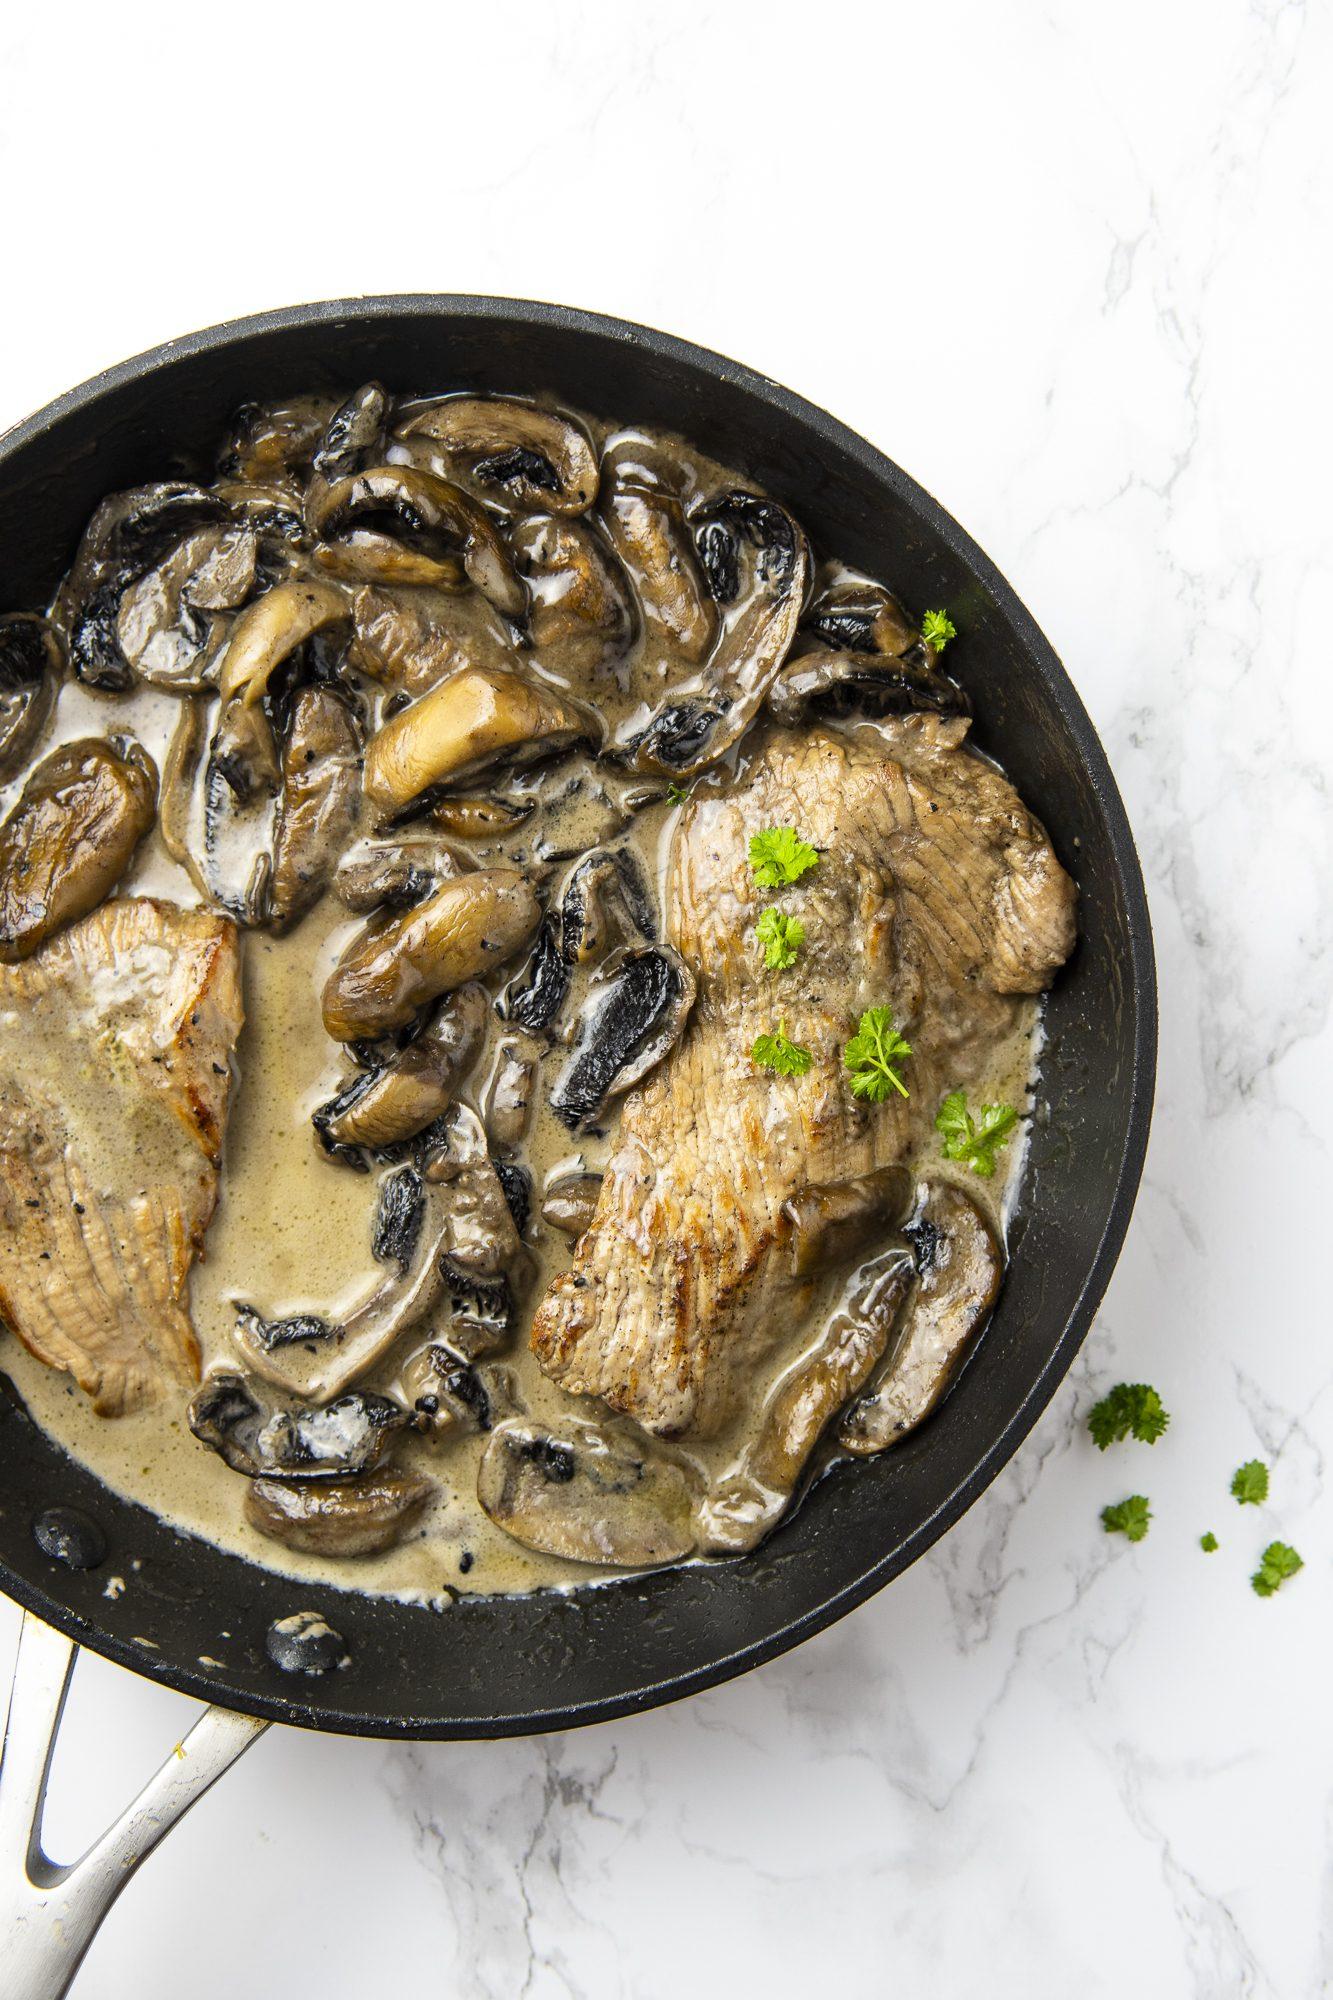 Escalope de veau, crème aux champignons